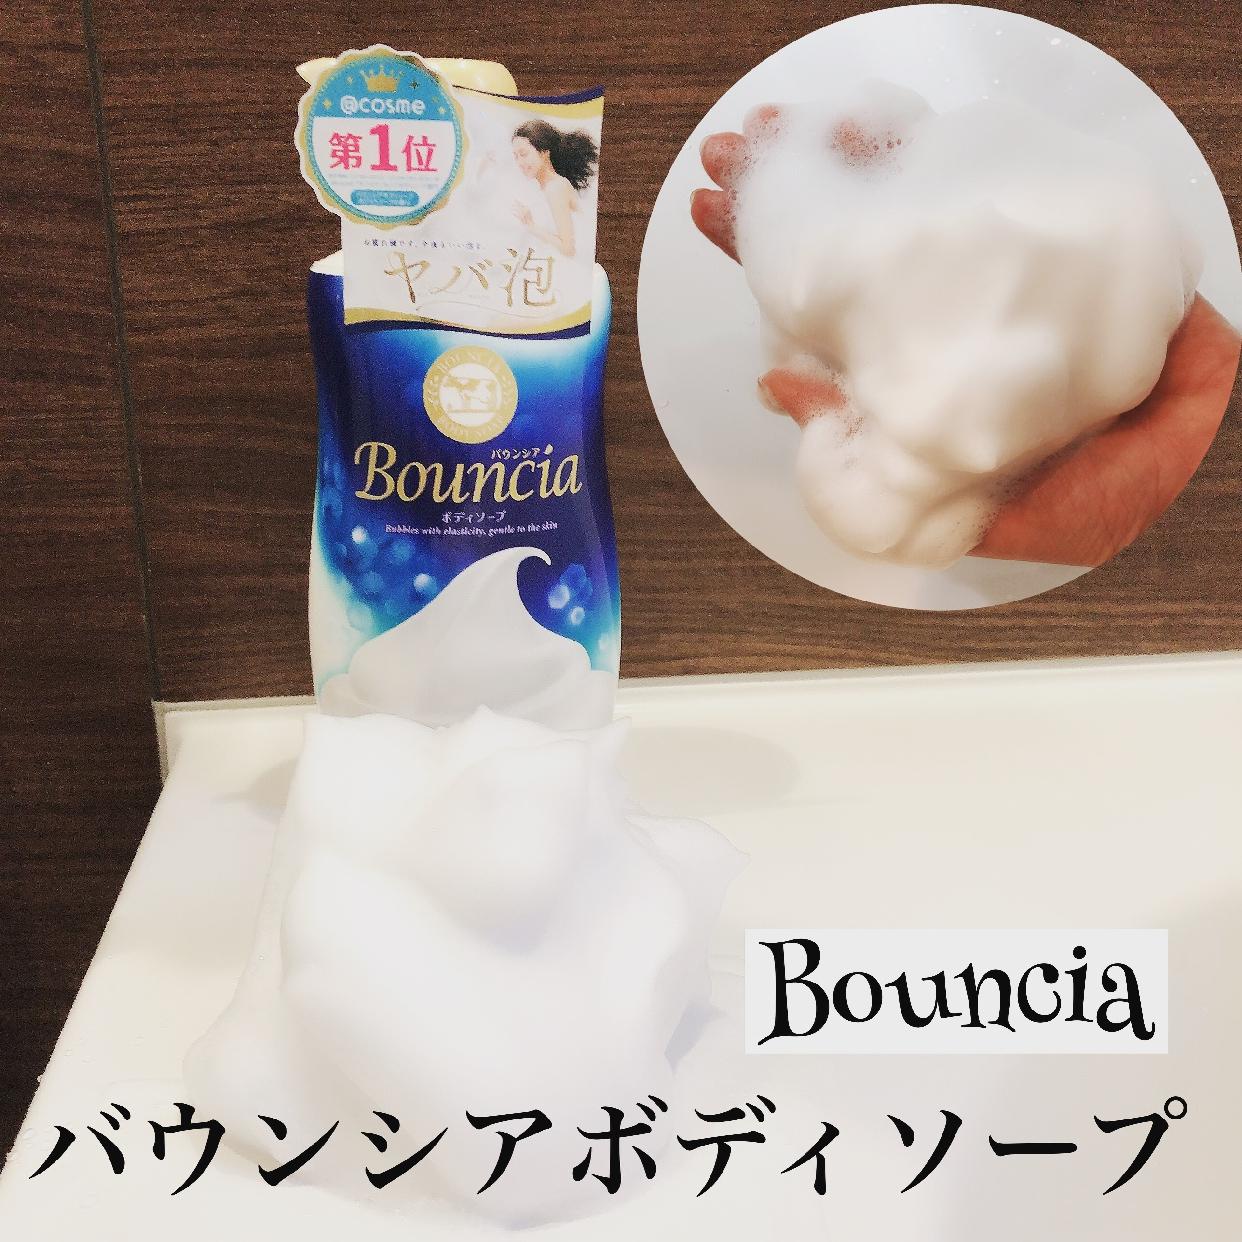 Bouncia(バウンシア)ボディソープを使ったcosme.5cさんのクチコミ画像